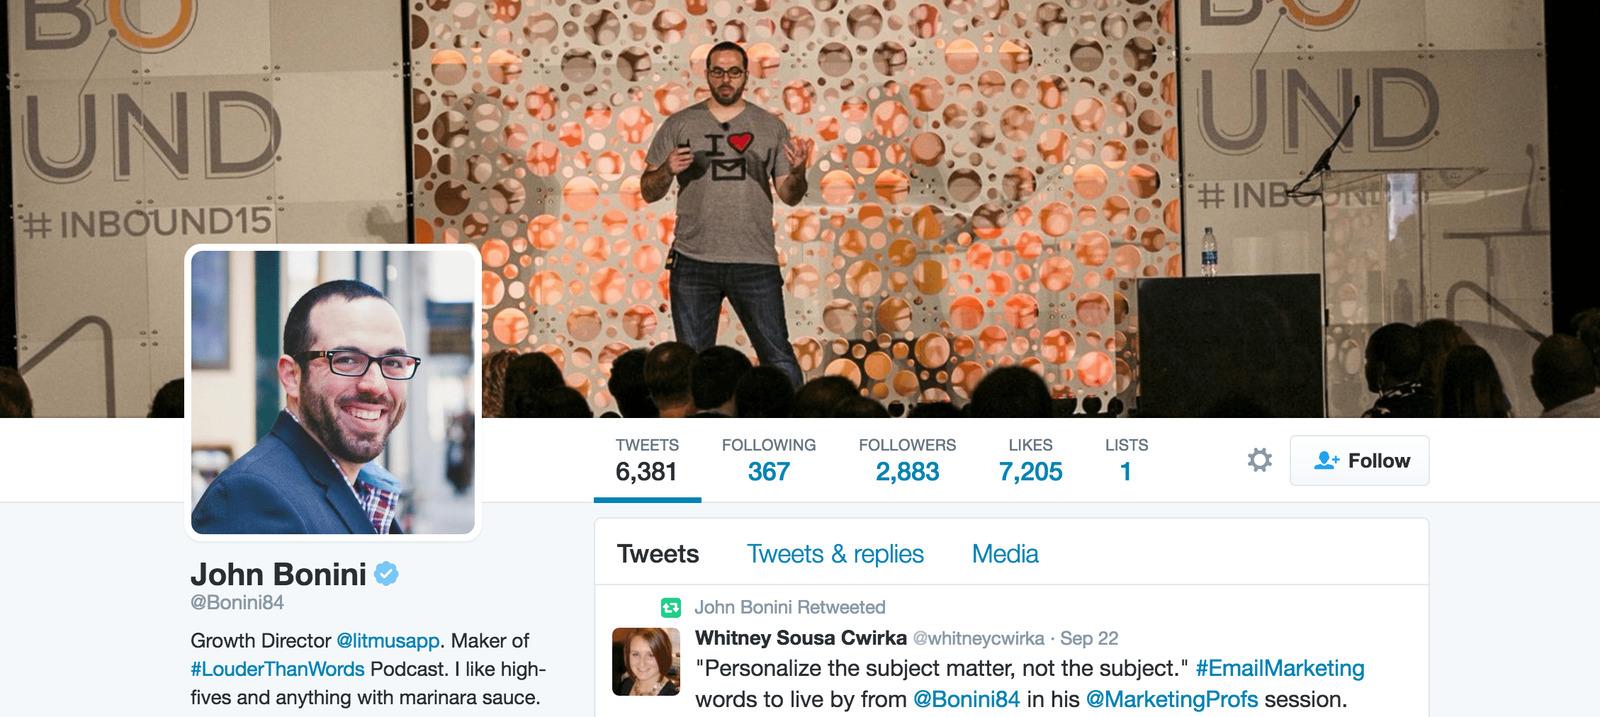 John-Bonini-twitter-profile.png